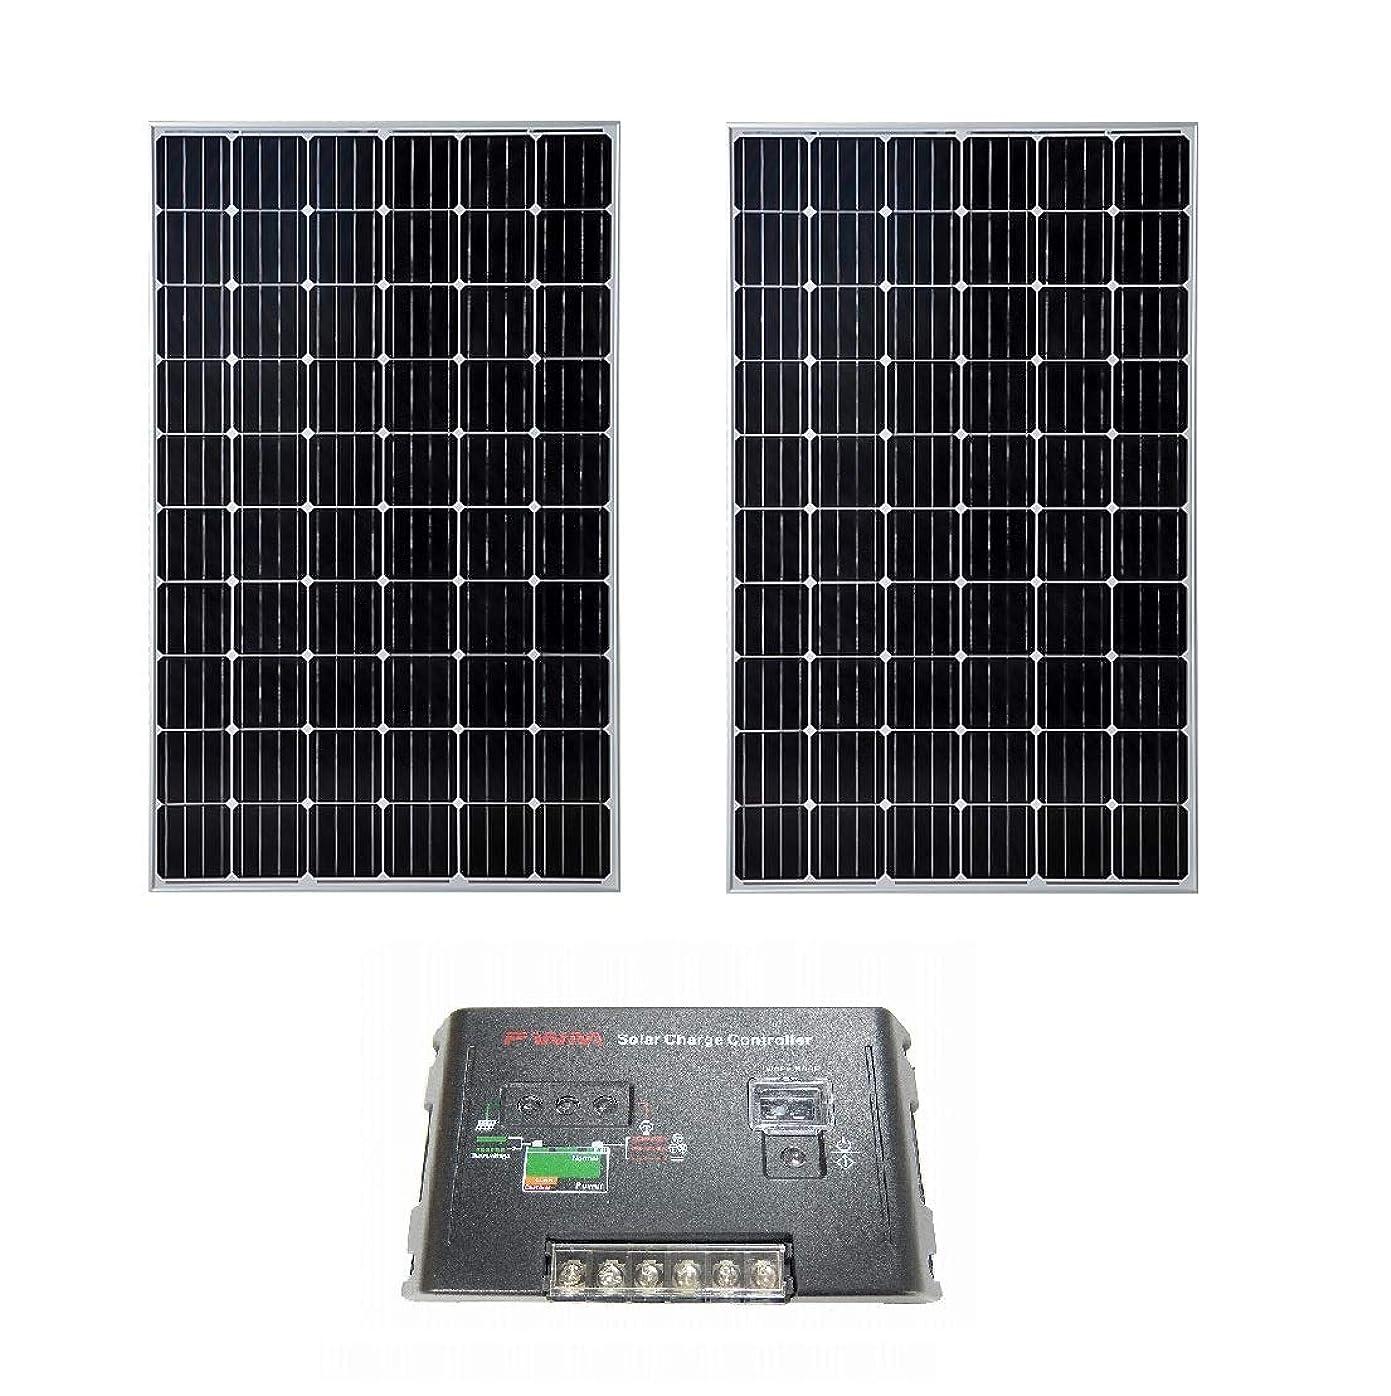 風邪をひくサルベージアプローチ単結晶 ソーラーパネル 270W2枚+20Aチャージコントローラーセット!24V蓄電に